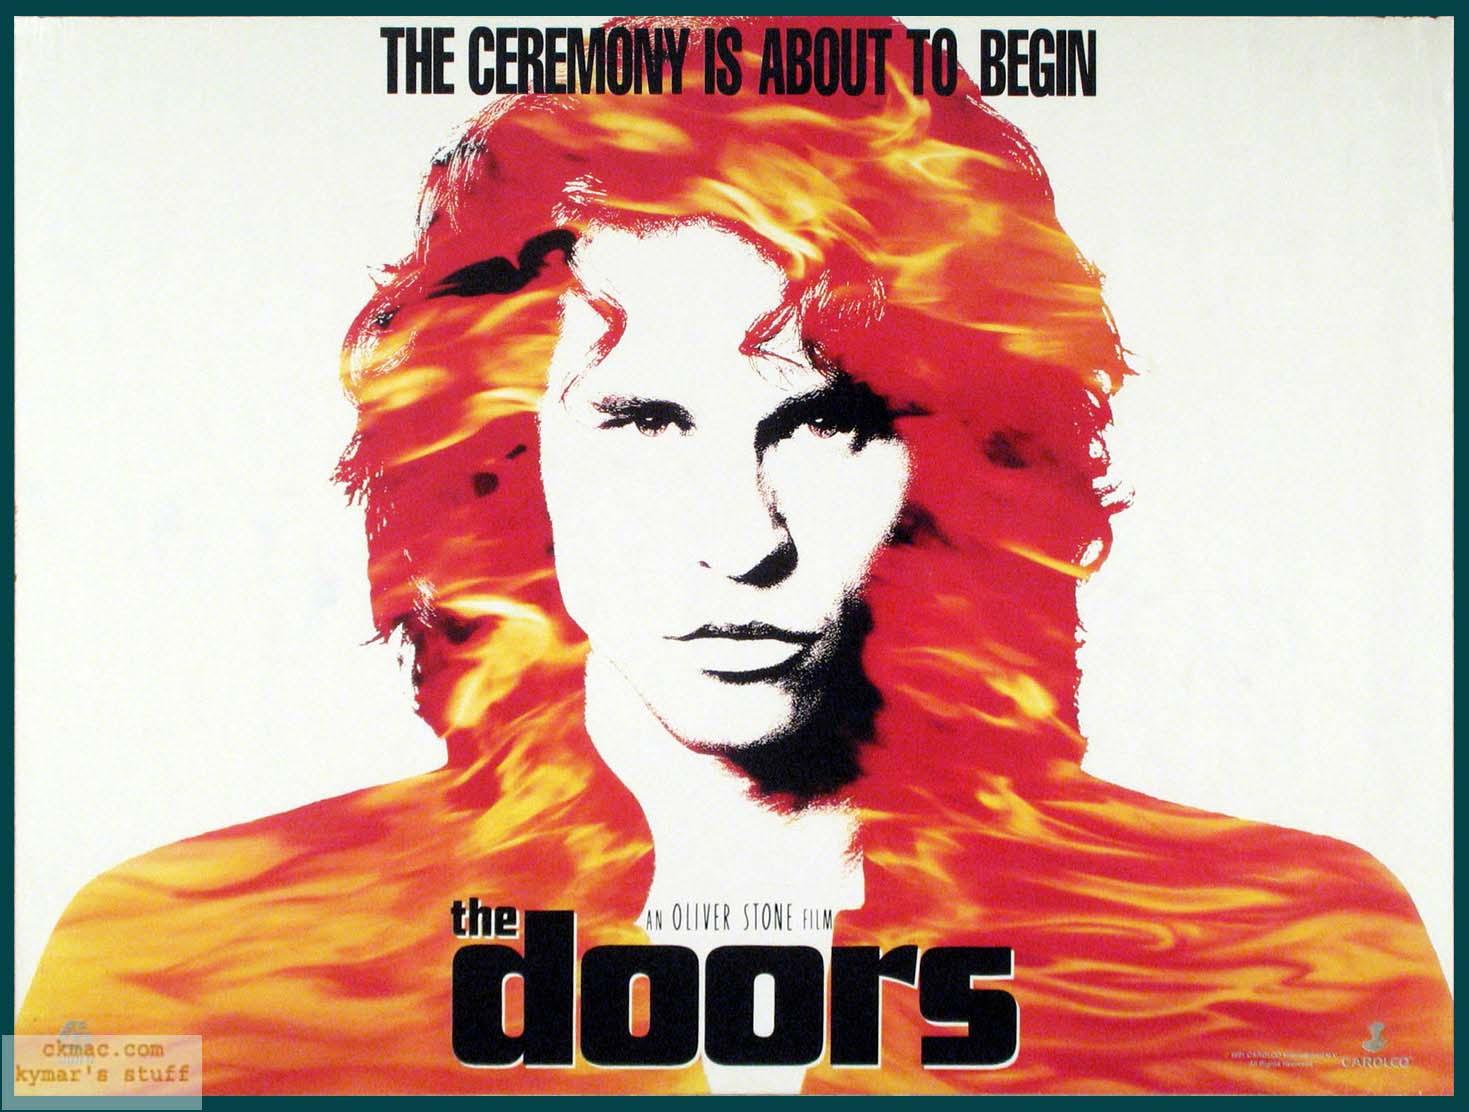 http://3.bp.blogspot.com/-bNtTlOp-CtM/T9EdEGhq-DI/AAAAAAAAAFM/1KZE6dQgTkY/s1600/Doors+poster.jpg